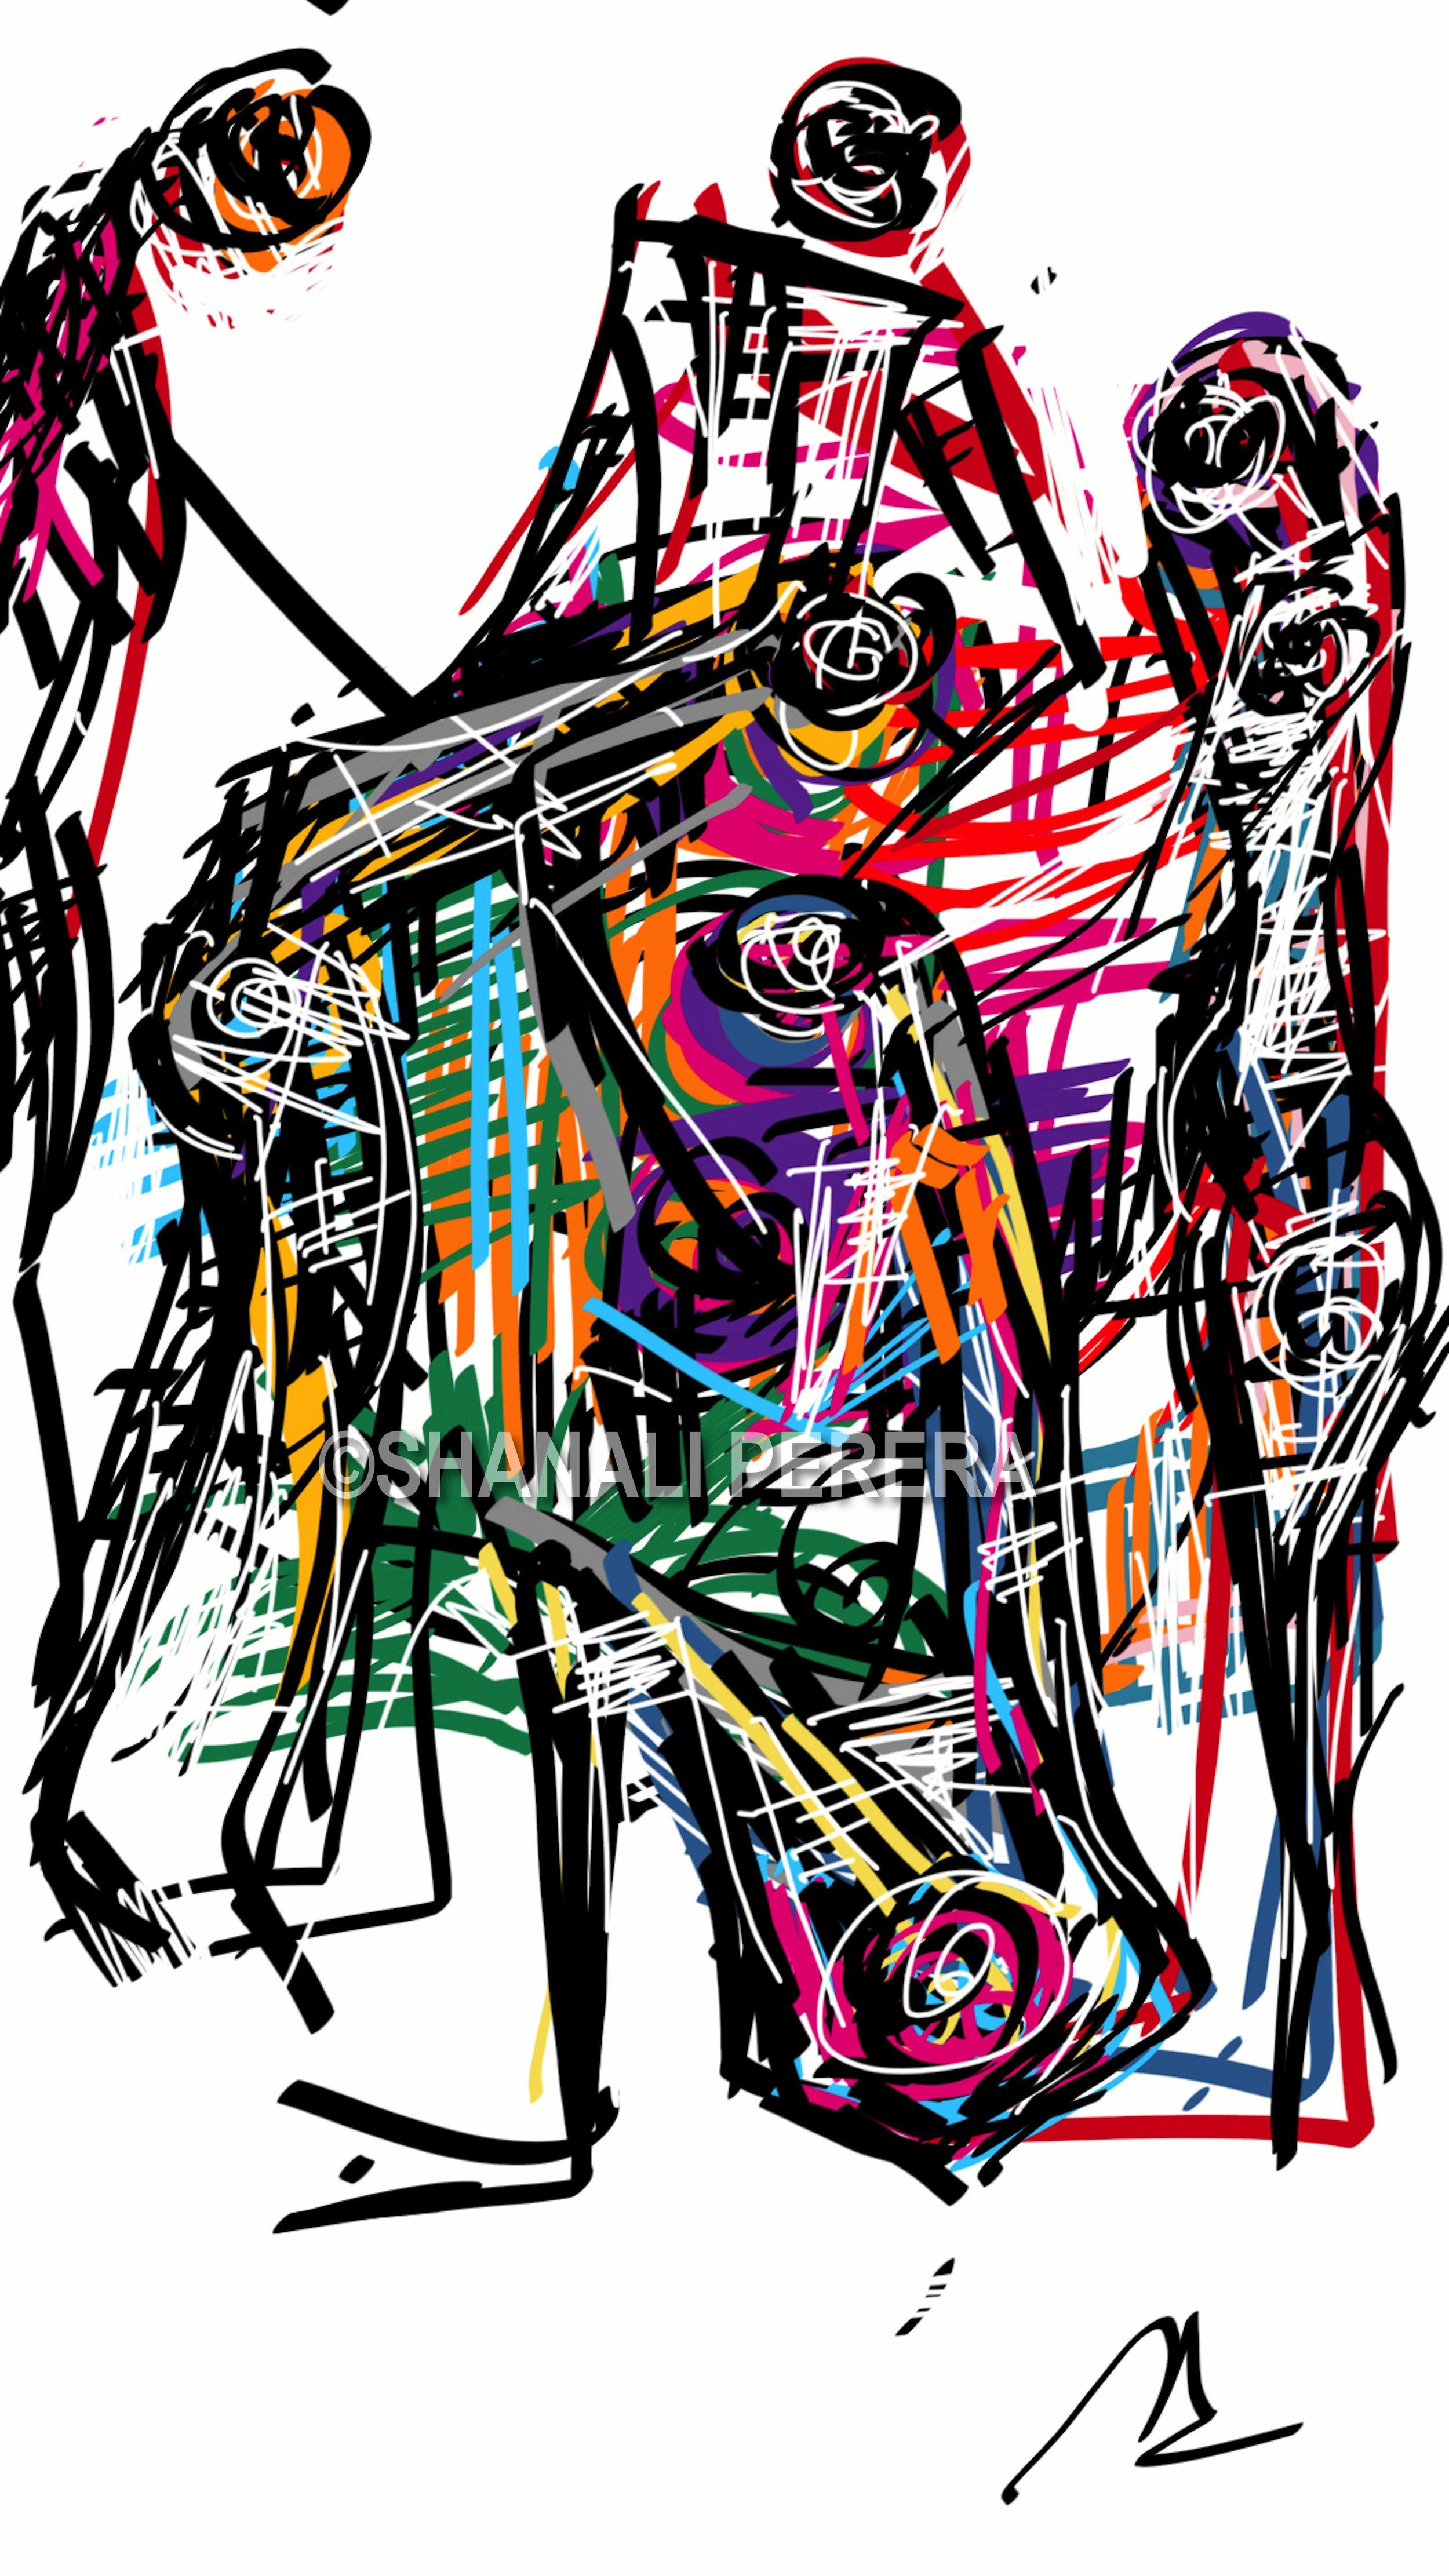 sketch-1477663156603.jpg